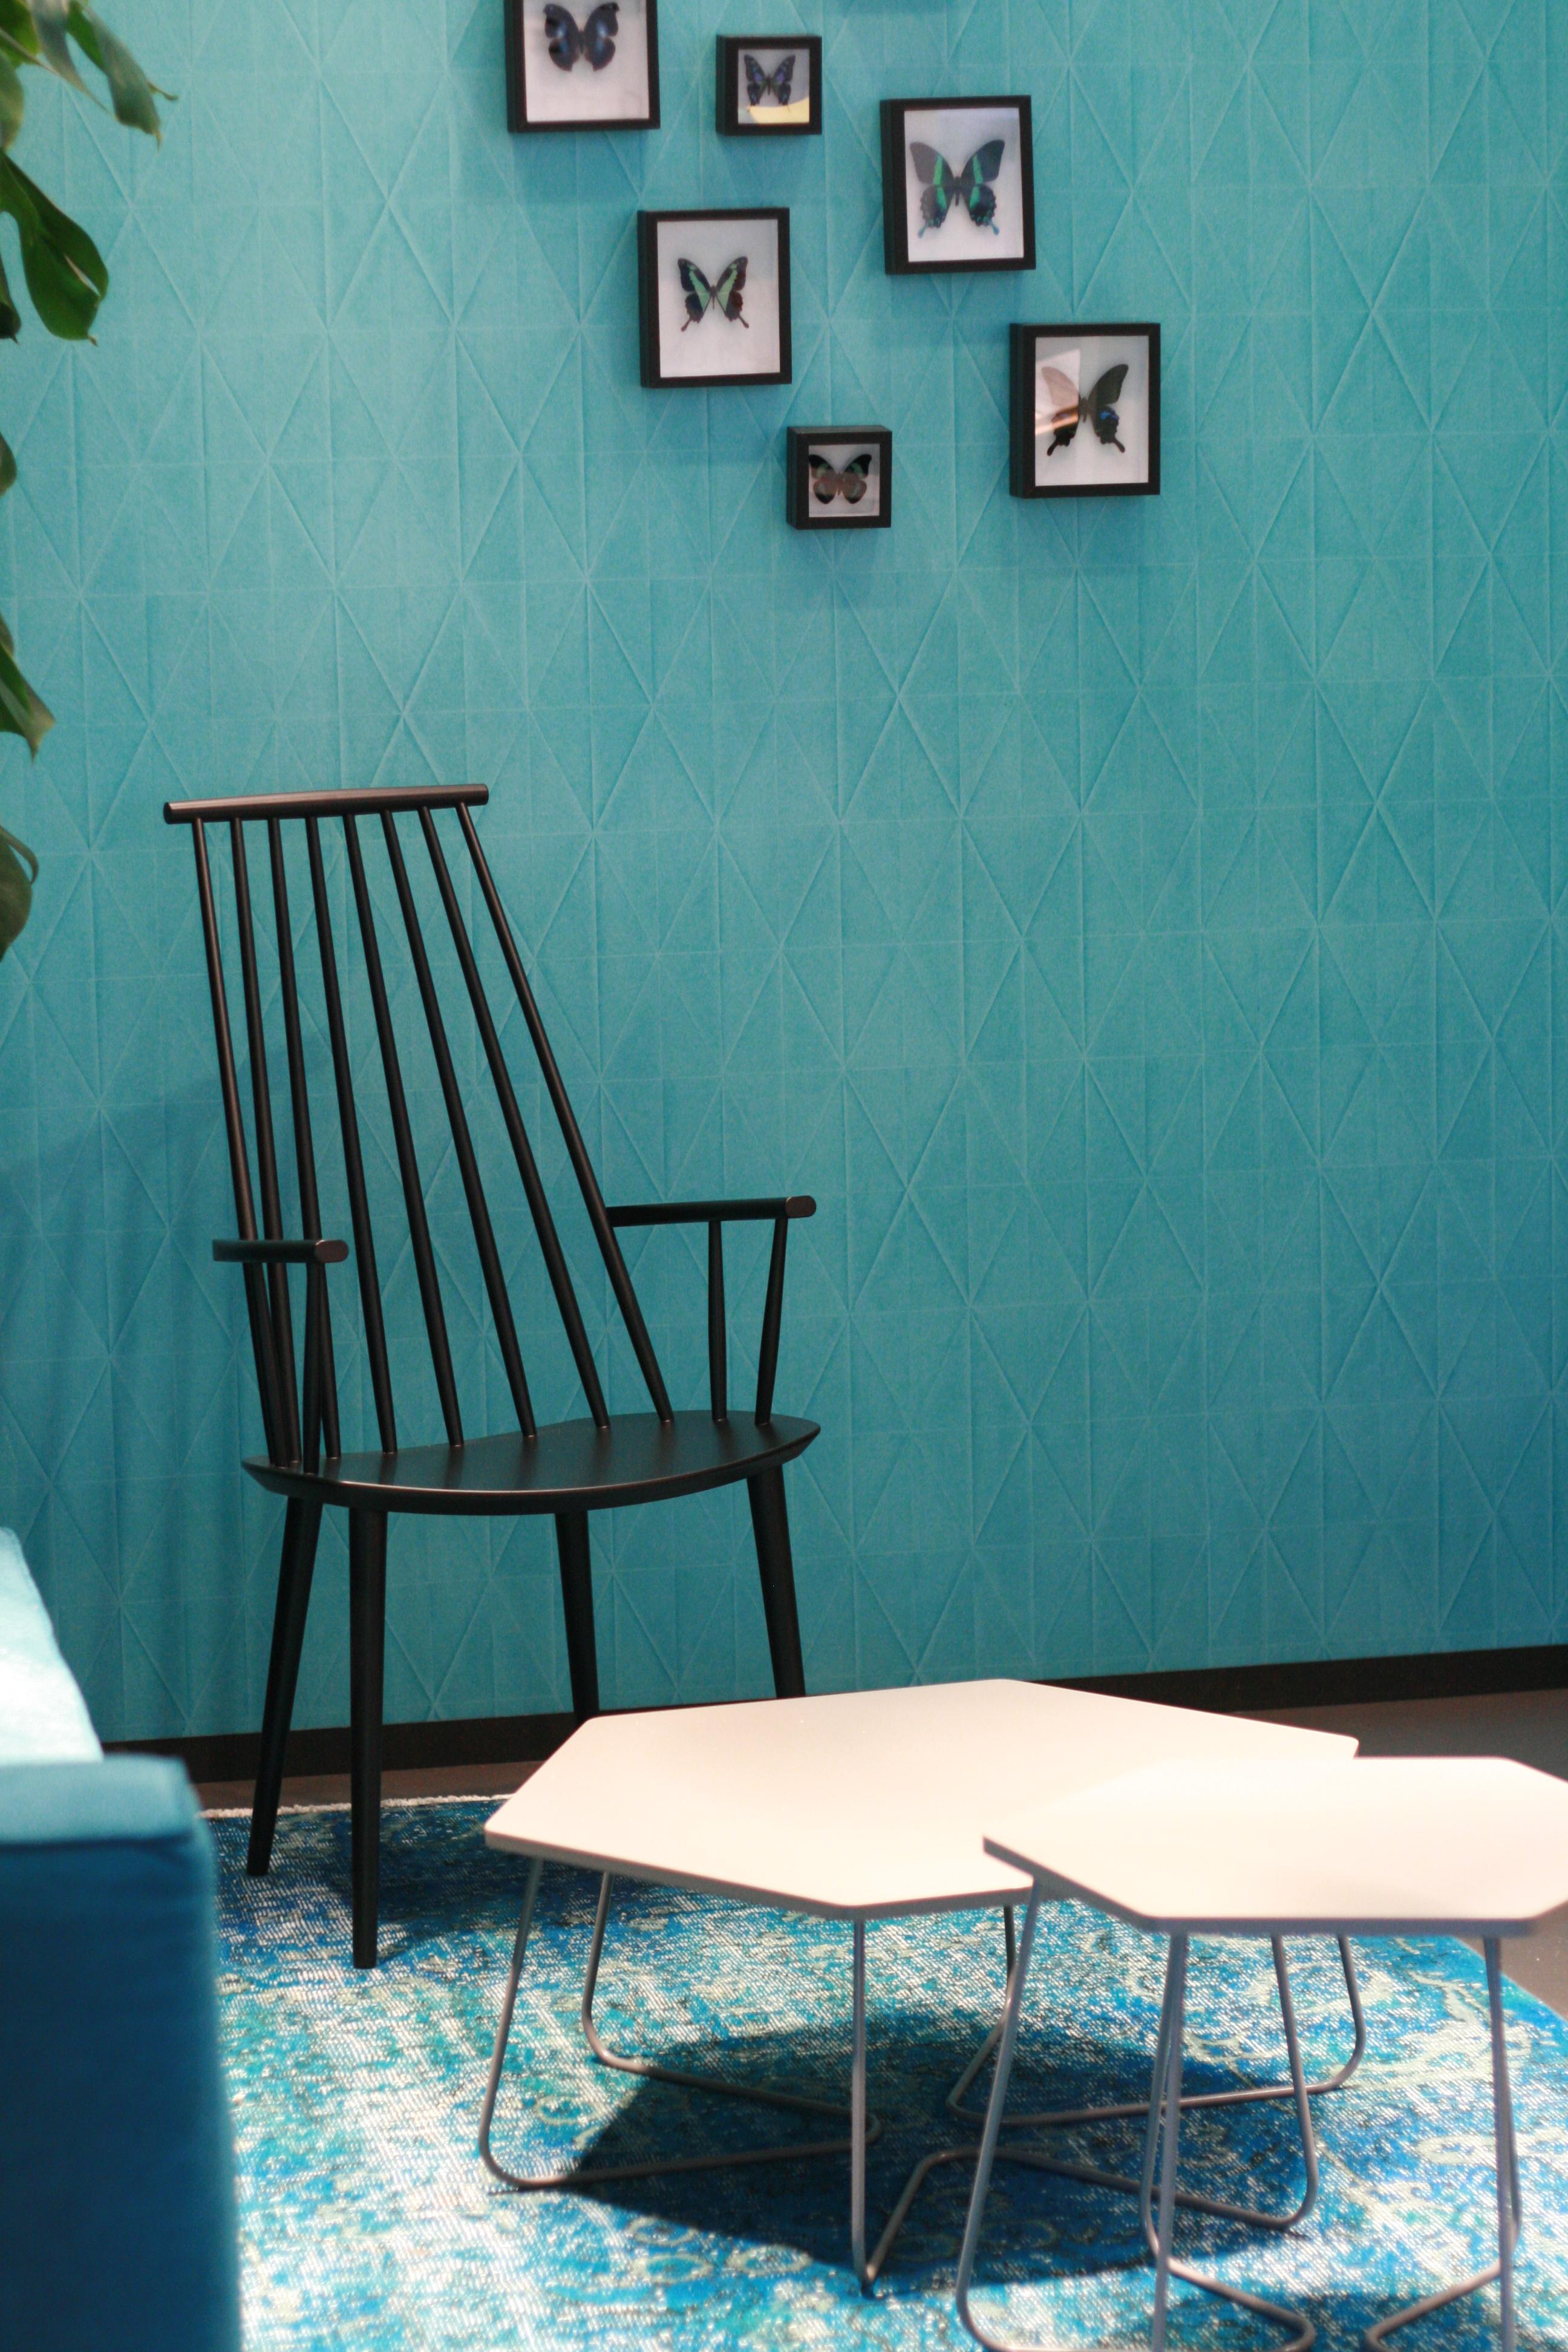 pinke wandfarbe wie k nnen sie ihre w nde kreativ streichen pinke wandfarbe ideen rosa. Black Bedroom Furniture Sets. Home Design Ideas